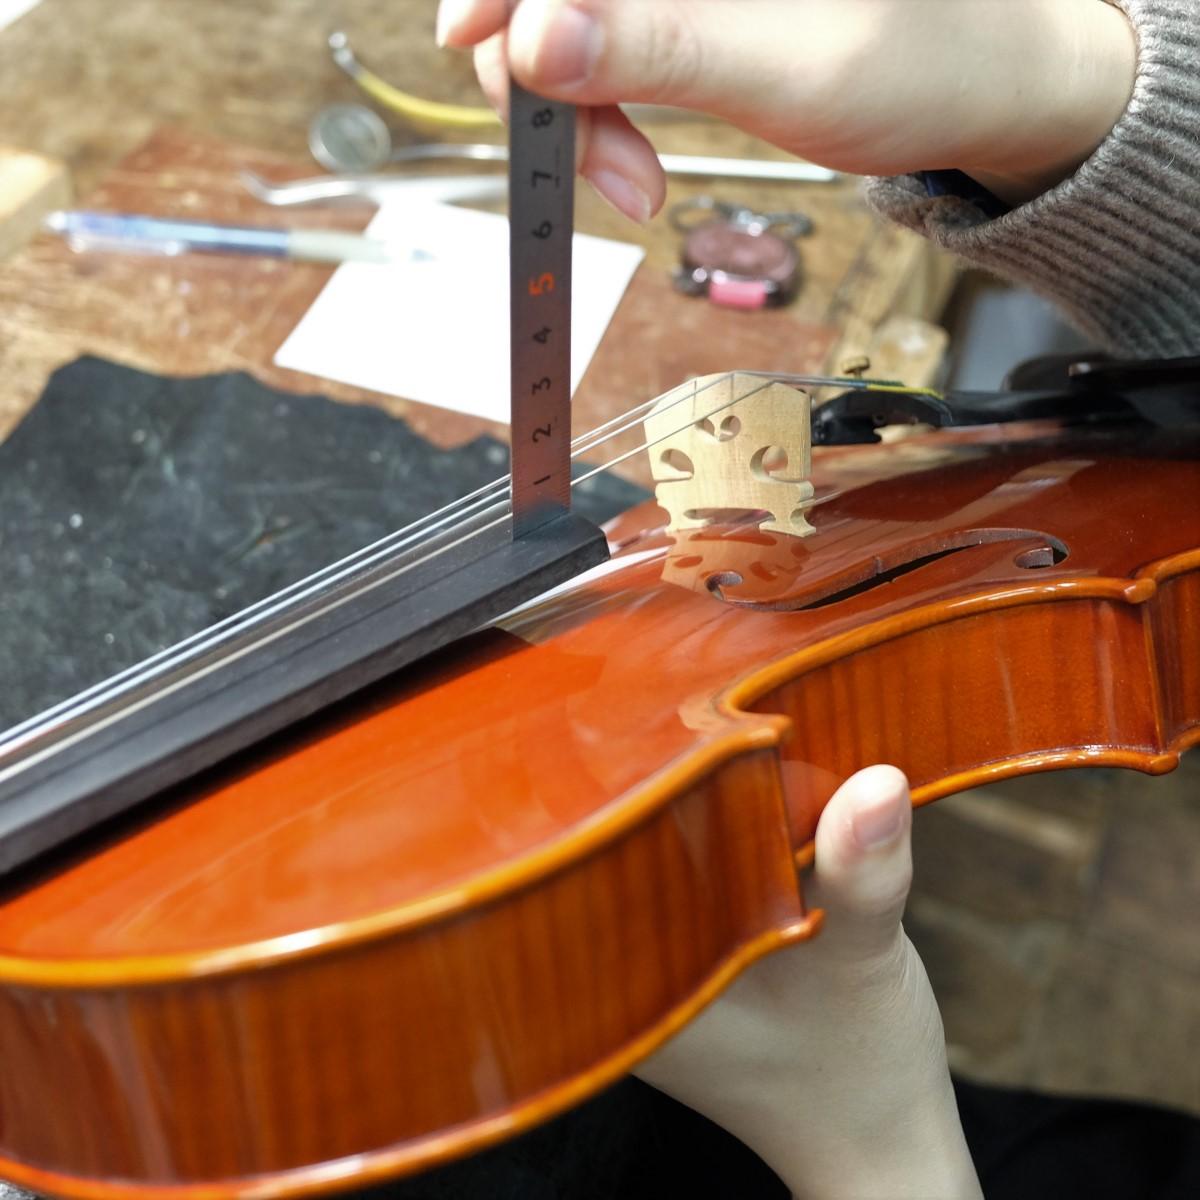 職人がバイオリンの点検を行っている手元